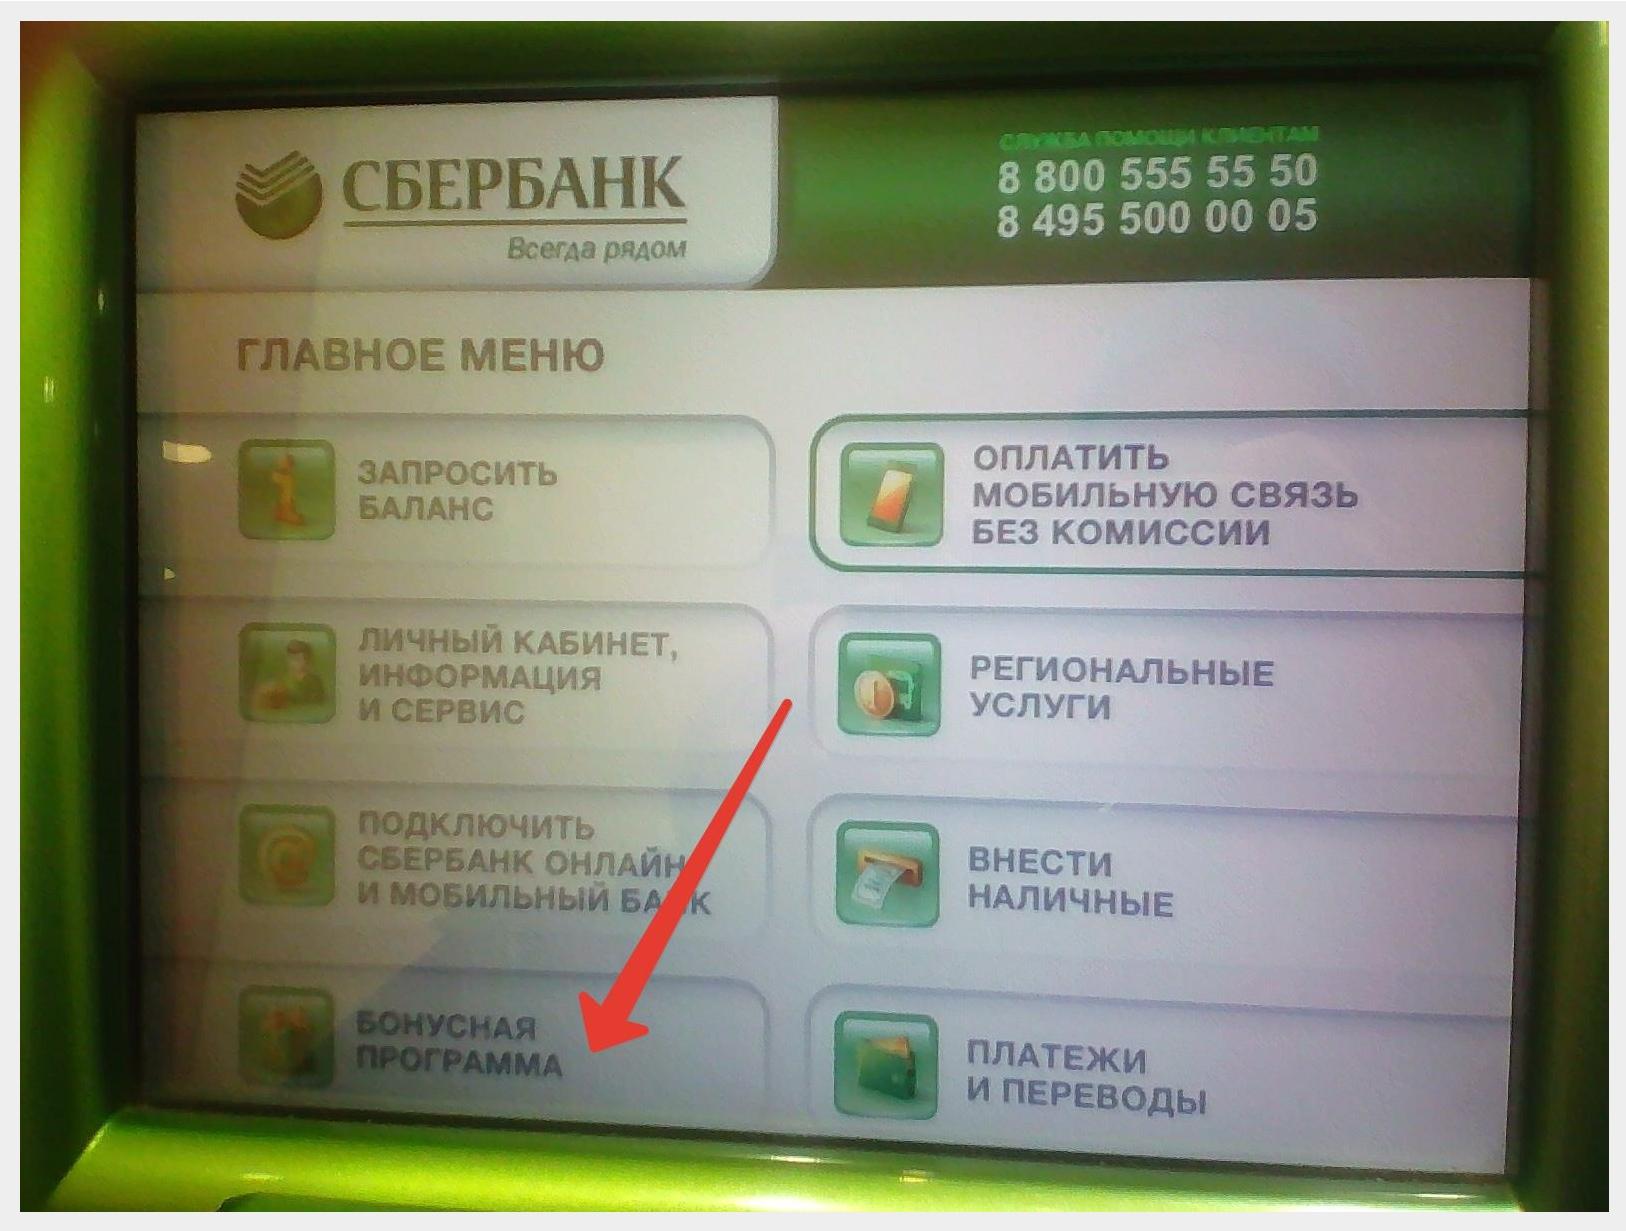 с помощью банкомата – вставьте карту в устройство, введите пин-код и войдите в раздел «бонусная программа». Там вы увидите состояние своих баллов на текущий момент времени;